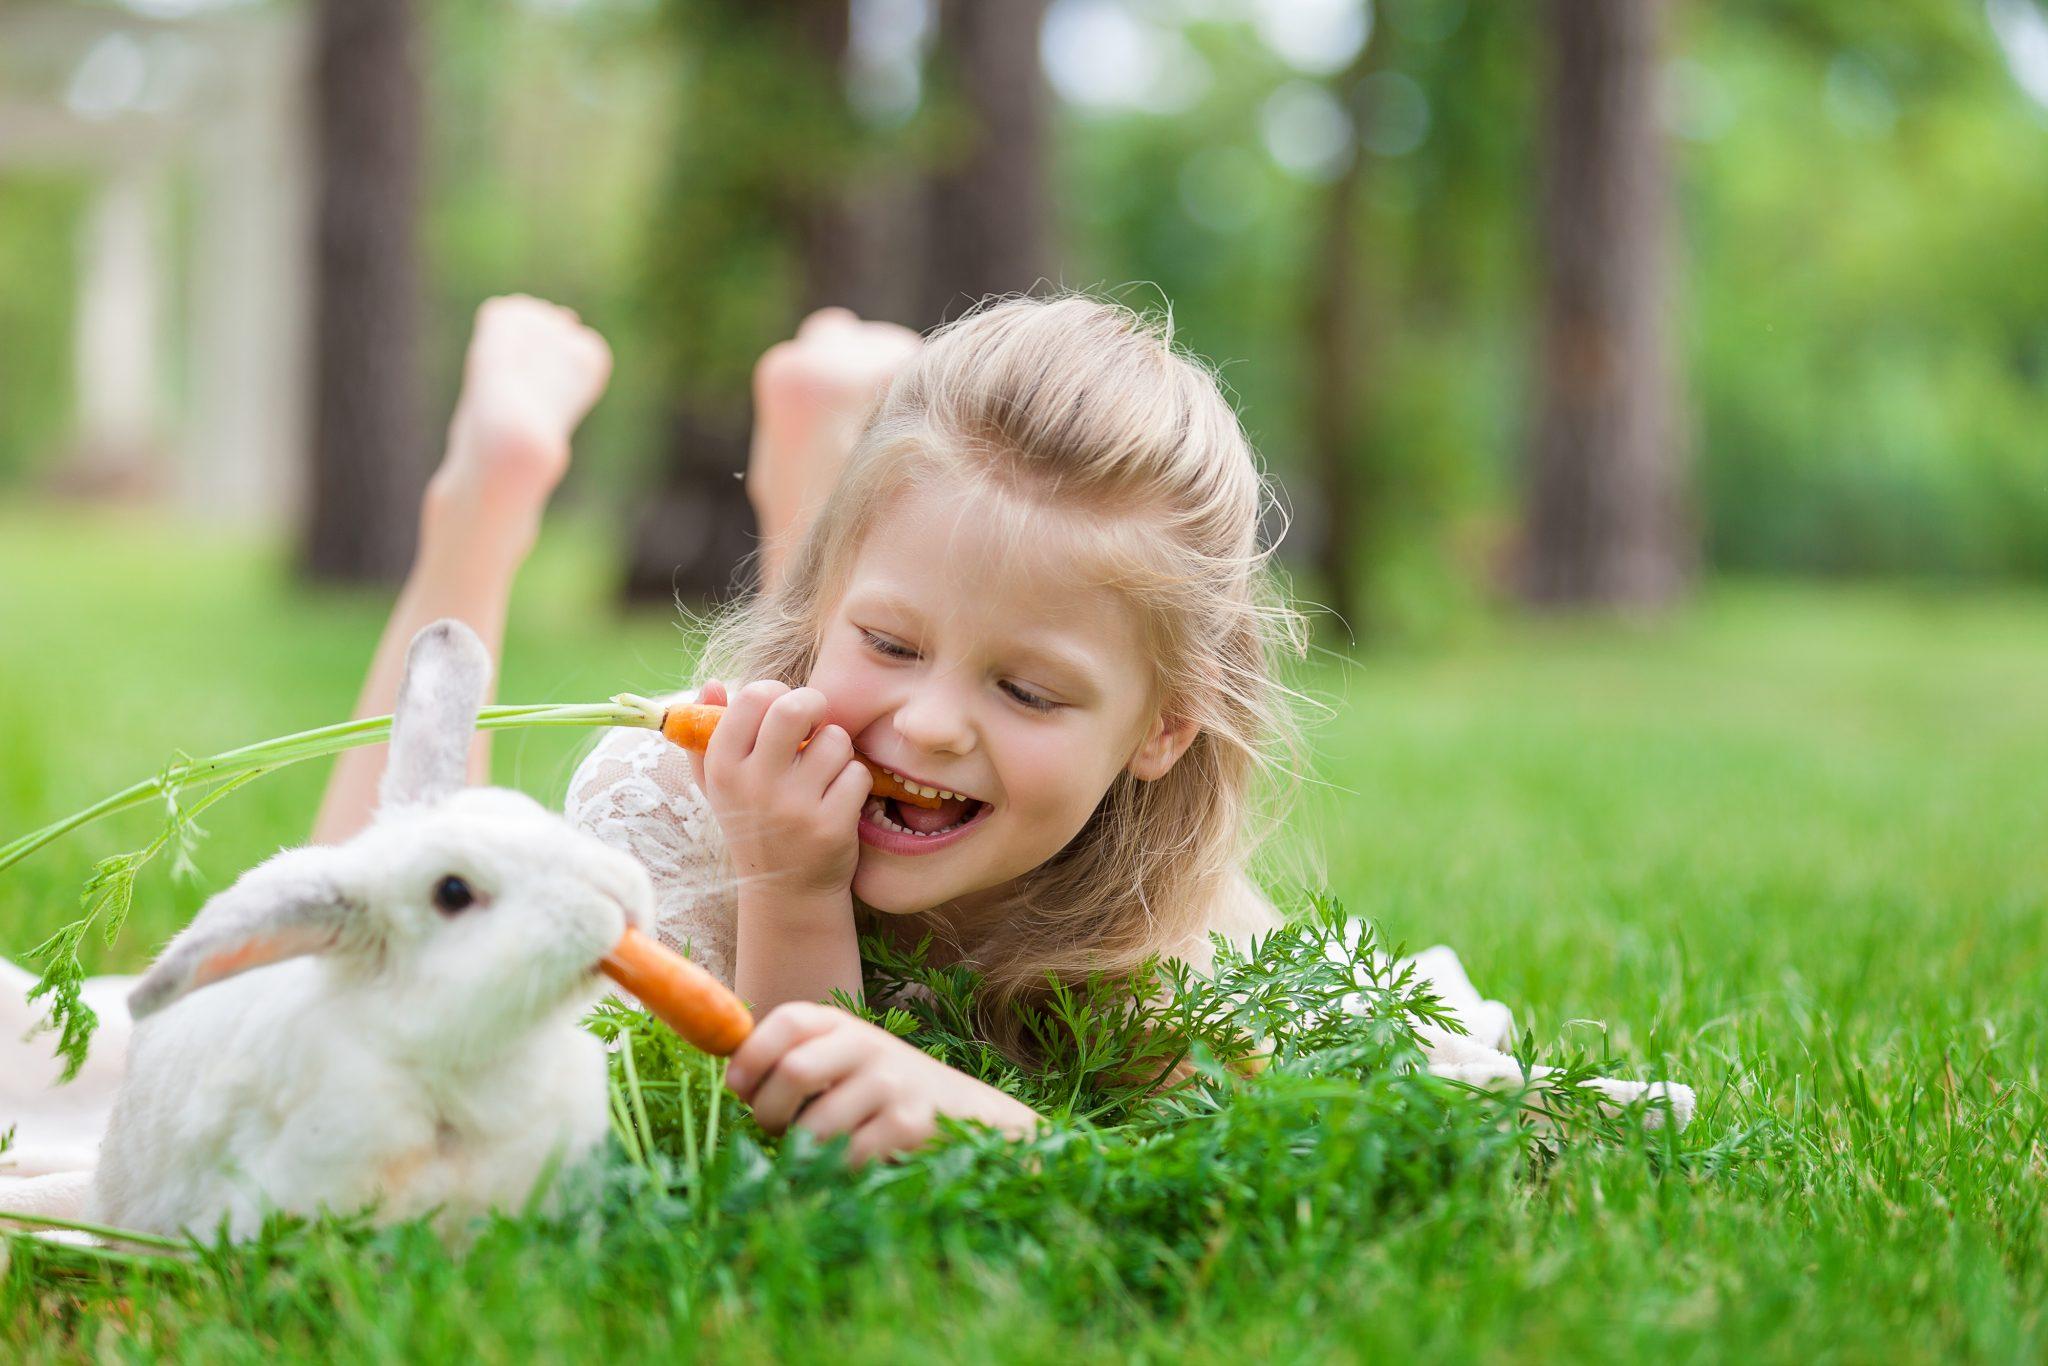 子供がウサギにニンジンを食べさせている